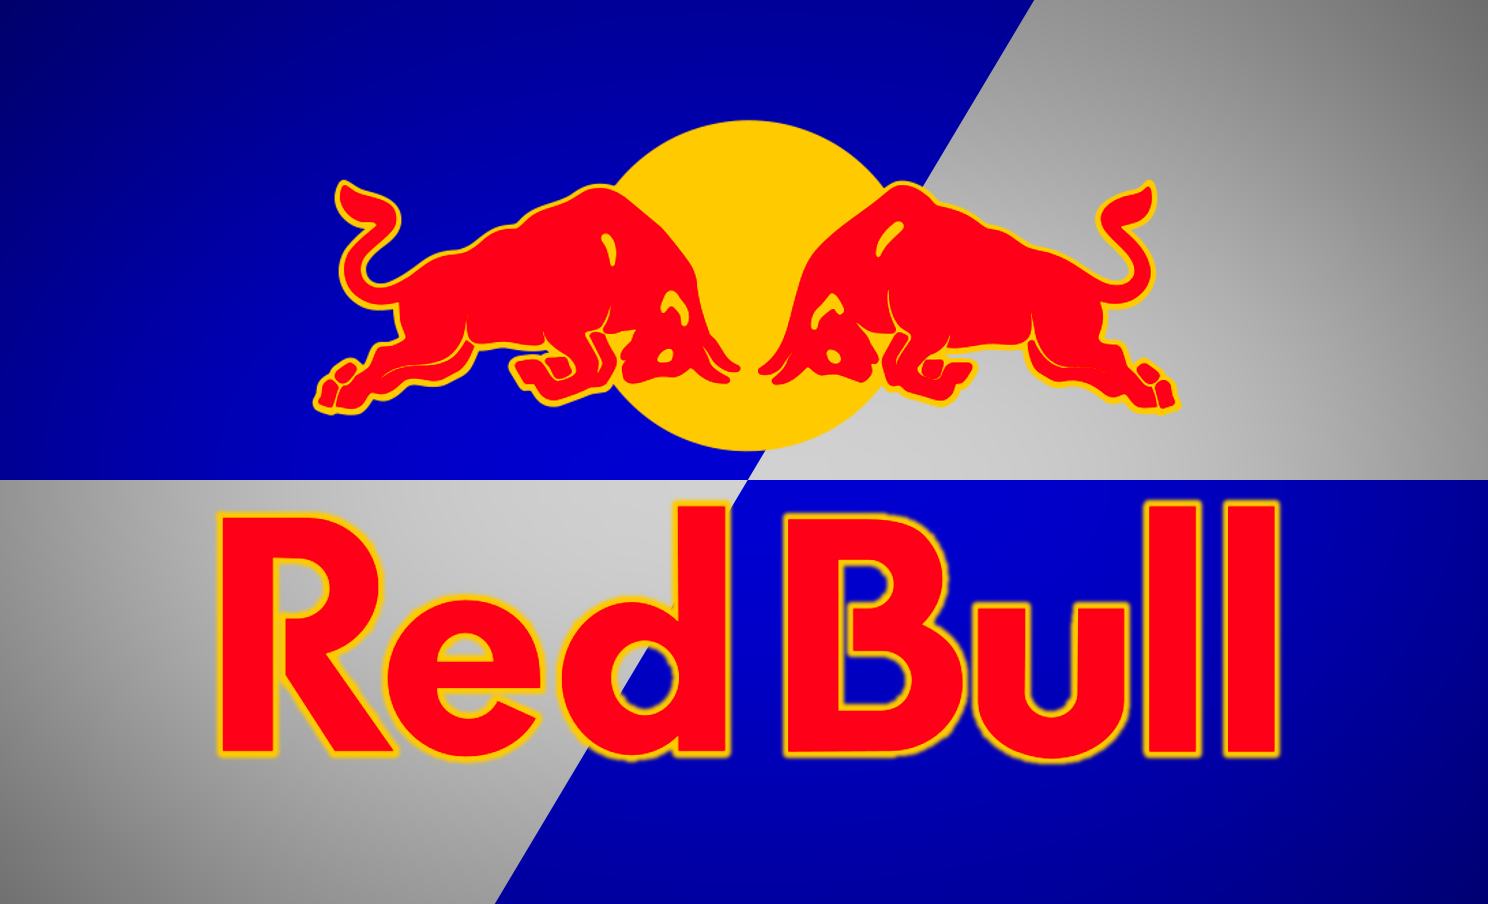 energy red bull png logo